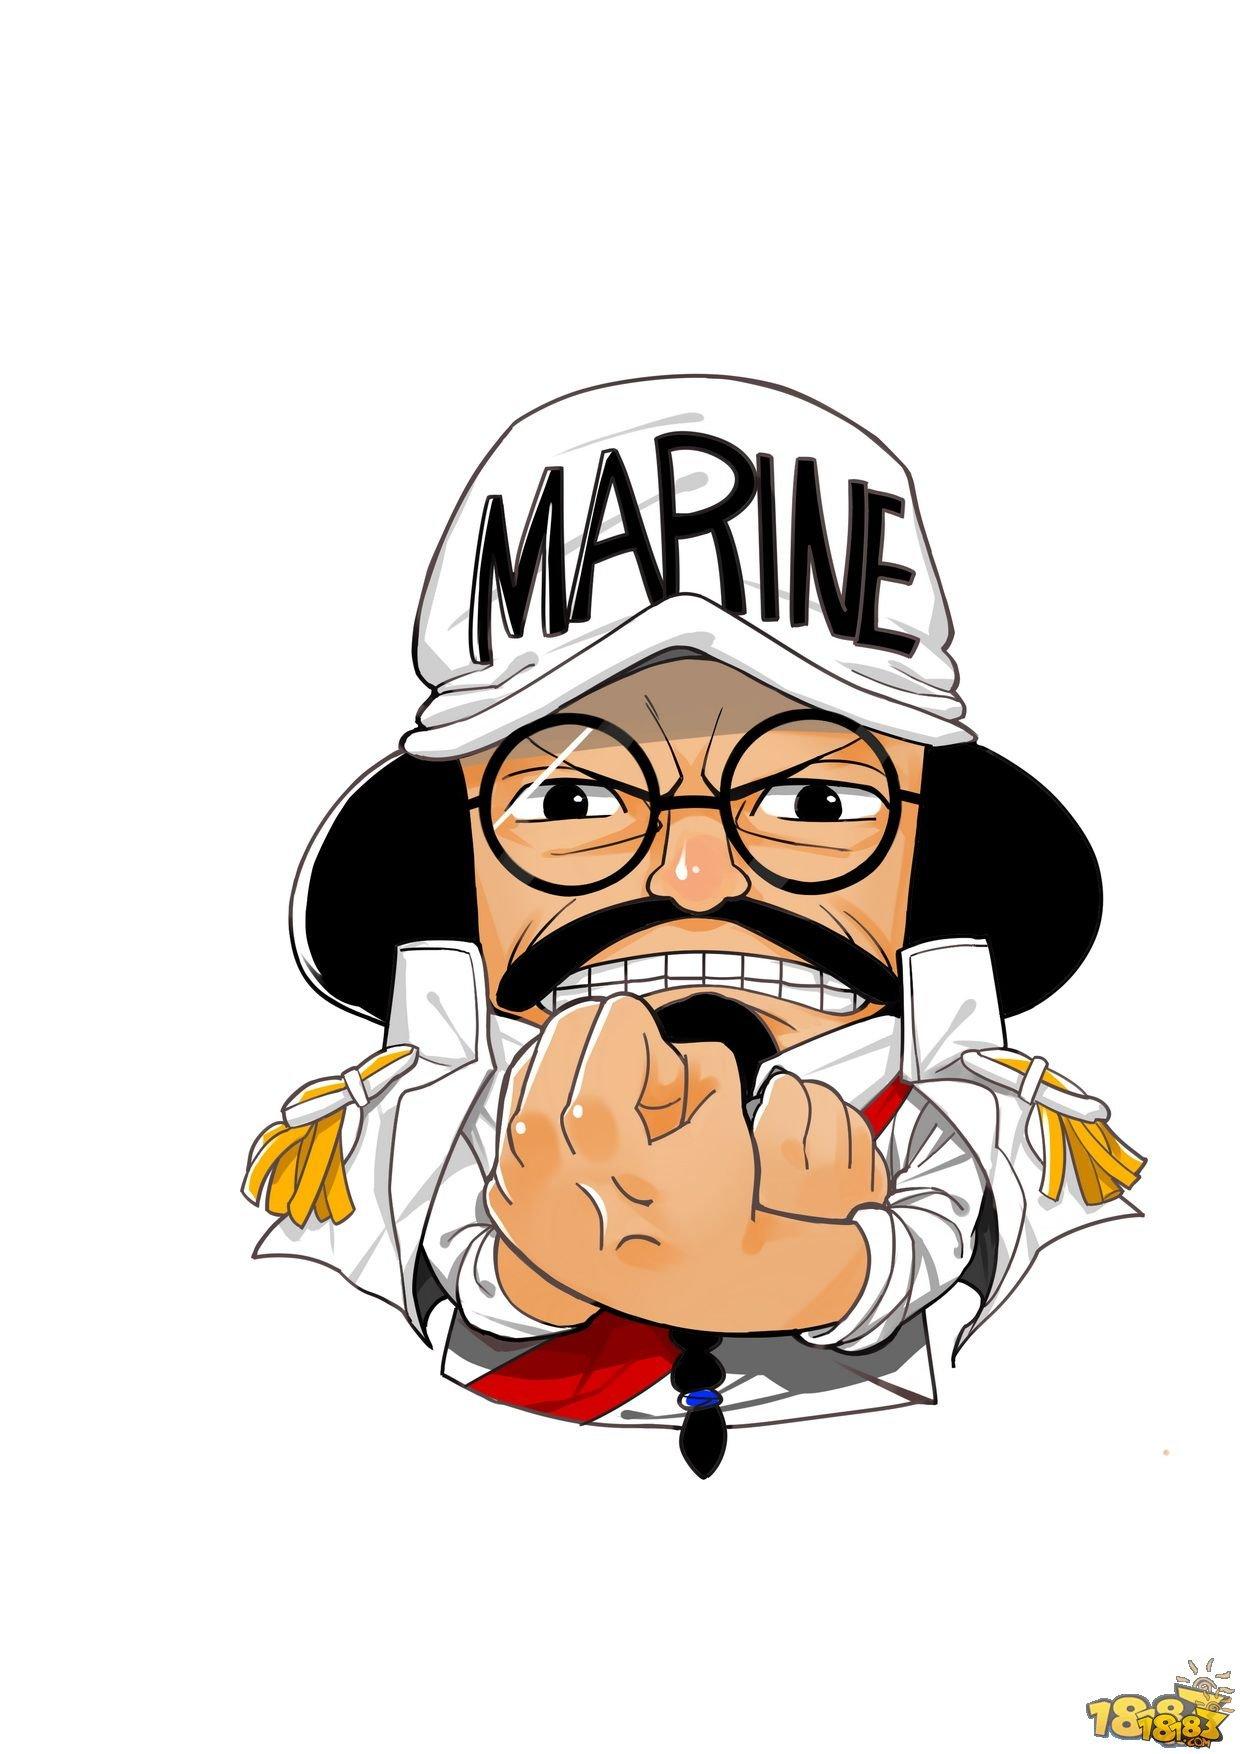 """""""佛之战国""""为海军最高首脑,前海军本部元帅,海军总大将,实力超强!和罗杰、白胡子、卡普、雷利同一时代,也是同一等级。还试过用果实能力重创黑胡子海贼团。实力比三大将强!除了卡普外,是海军第一强者! 活动内容:玩家在抽取""""亿万悬赏""""与""""千万悬赏""""时,分别有几率获得战国与莫利亚的影子,当抽取的影子达到一定数量后,将会直接合成战国与莫利亚人物卡!"""